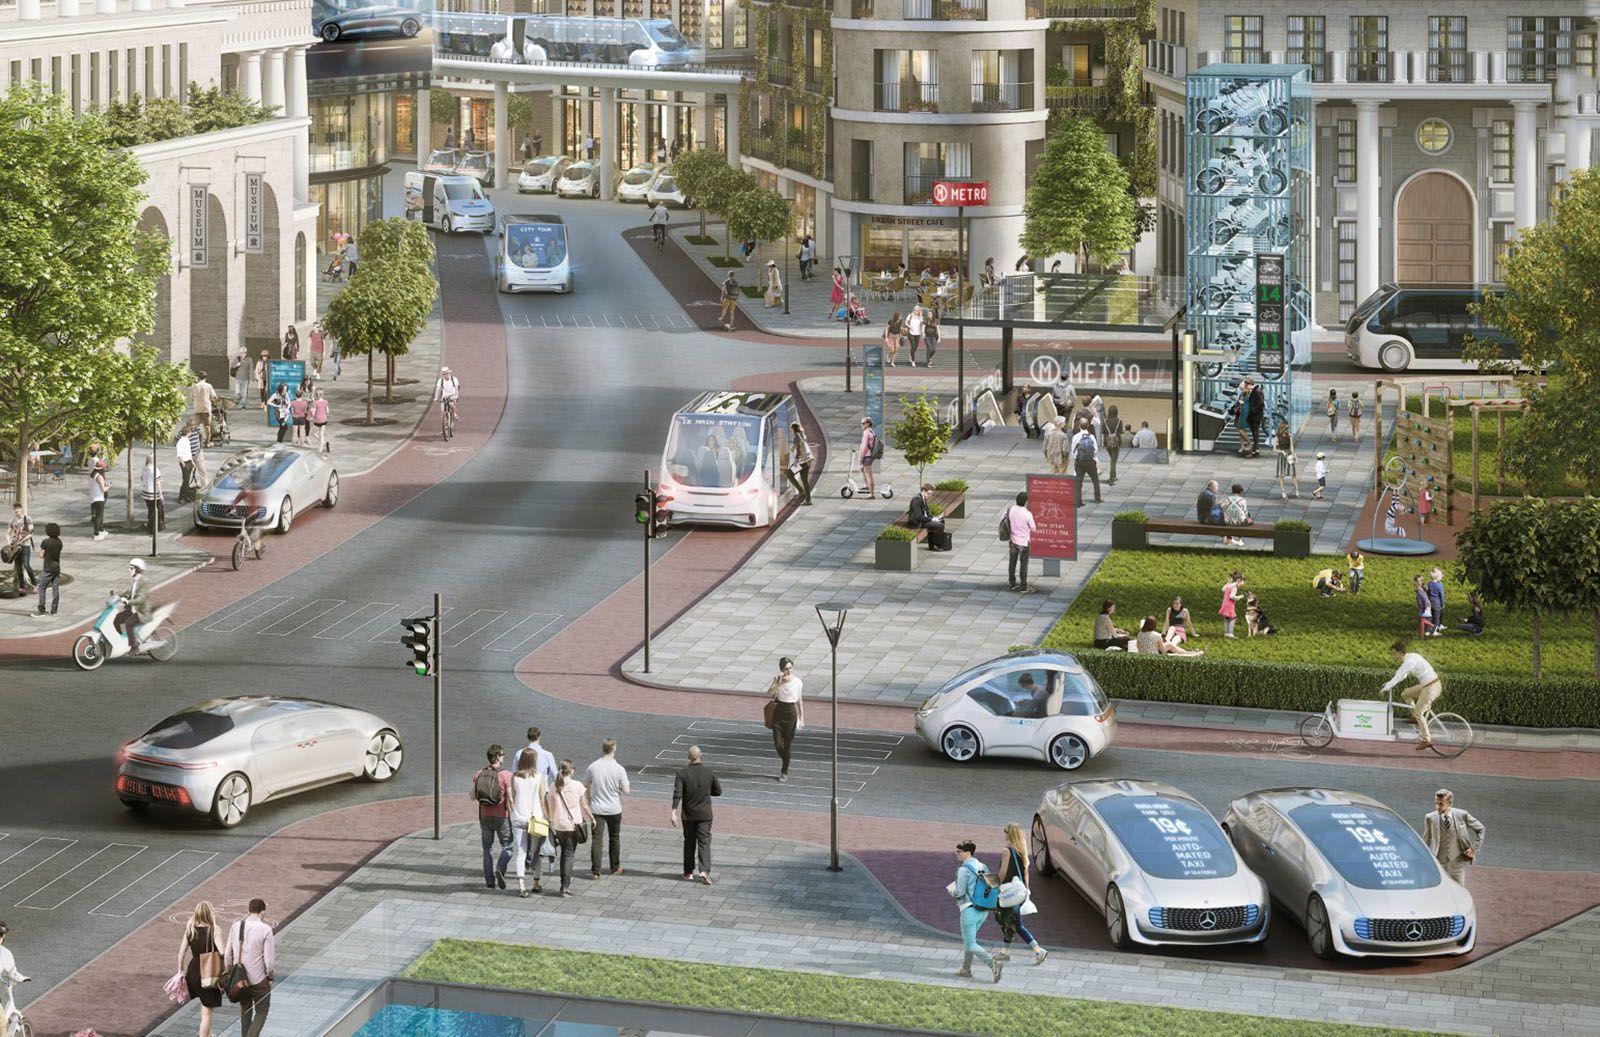 戴姆勒明年推出无人驾驶出租车都是豪华奔驰轿车